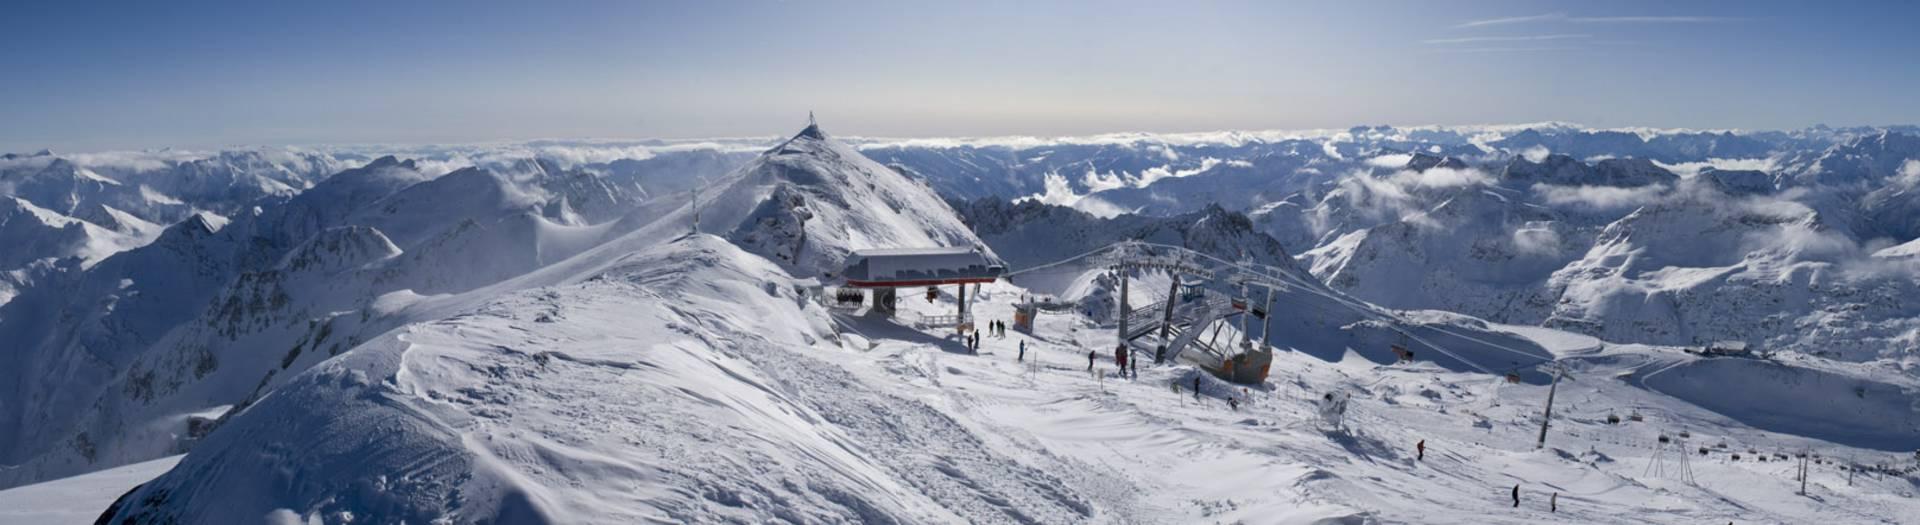 Mölltaler Gletscher Panorama in der Nationalpark-Region Hohe Tauern